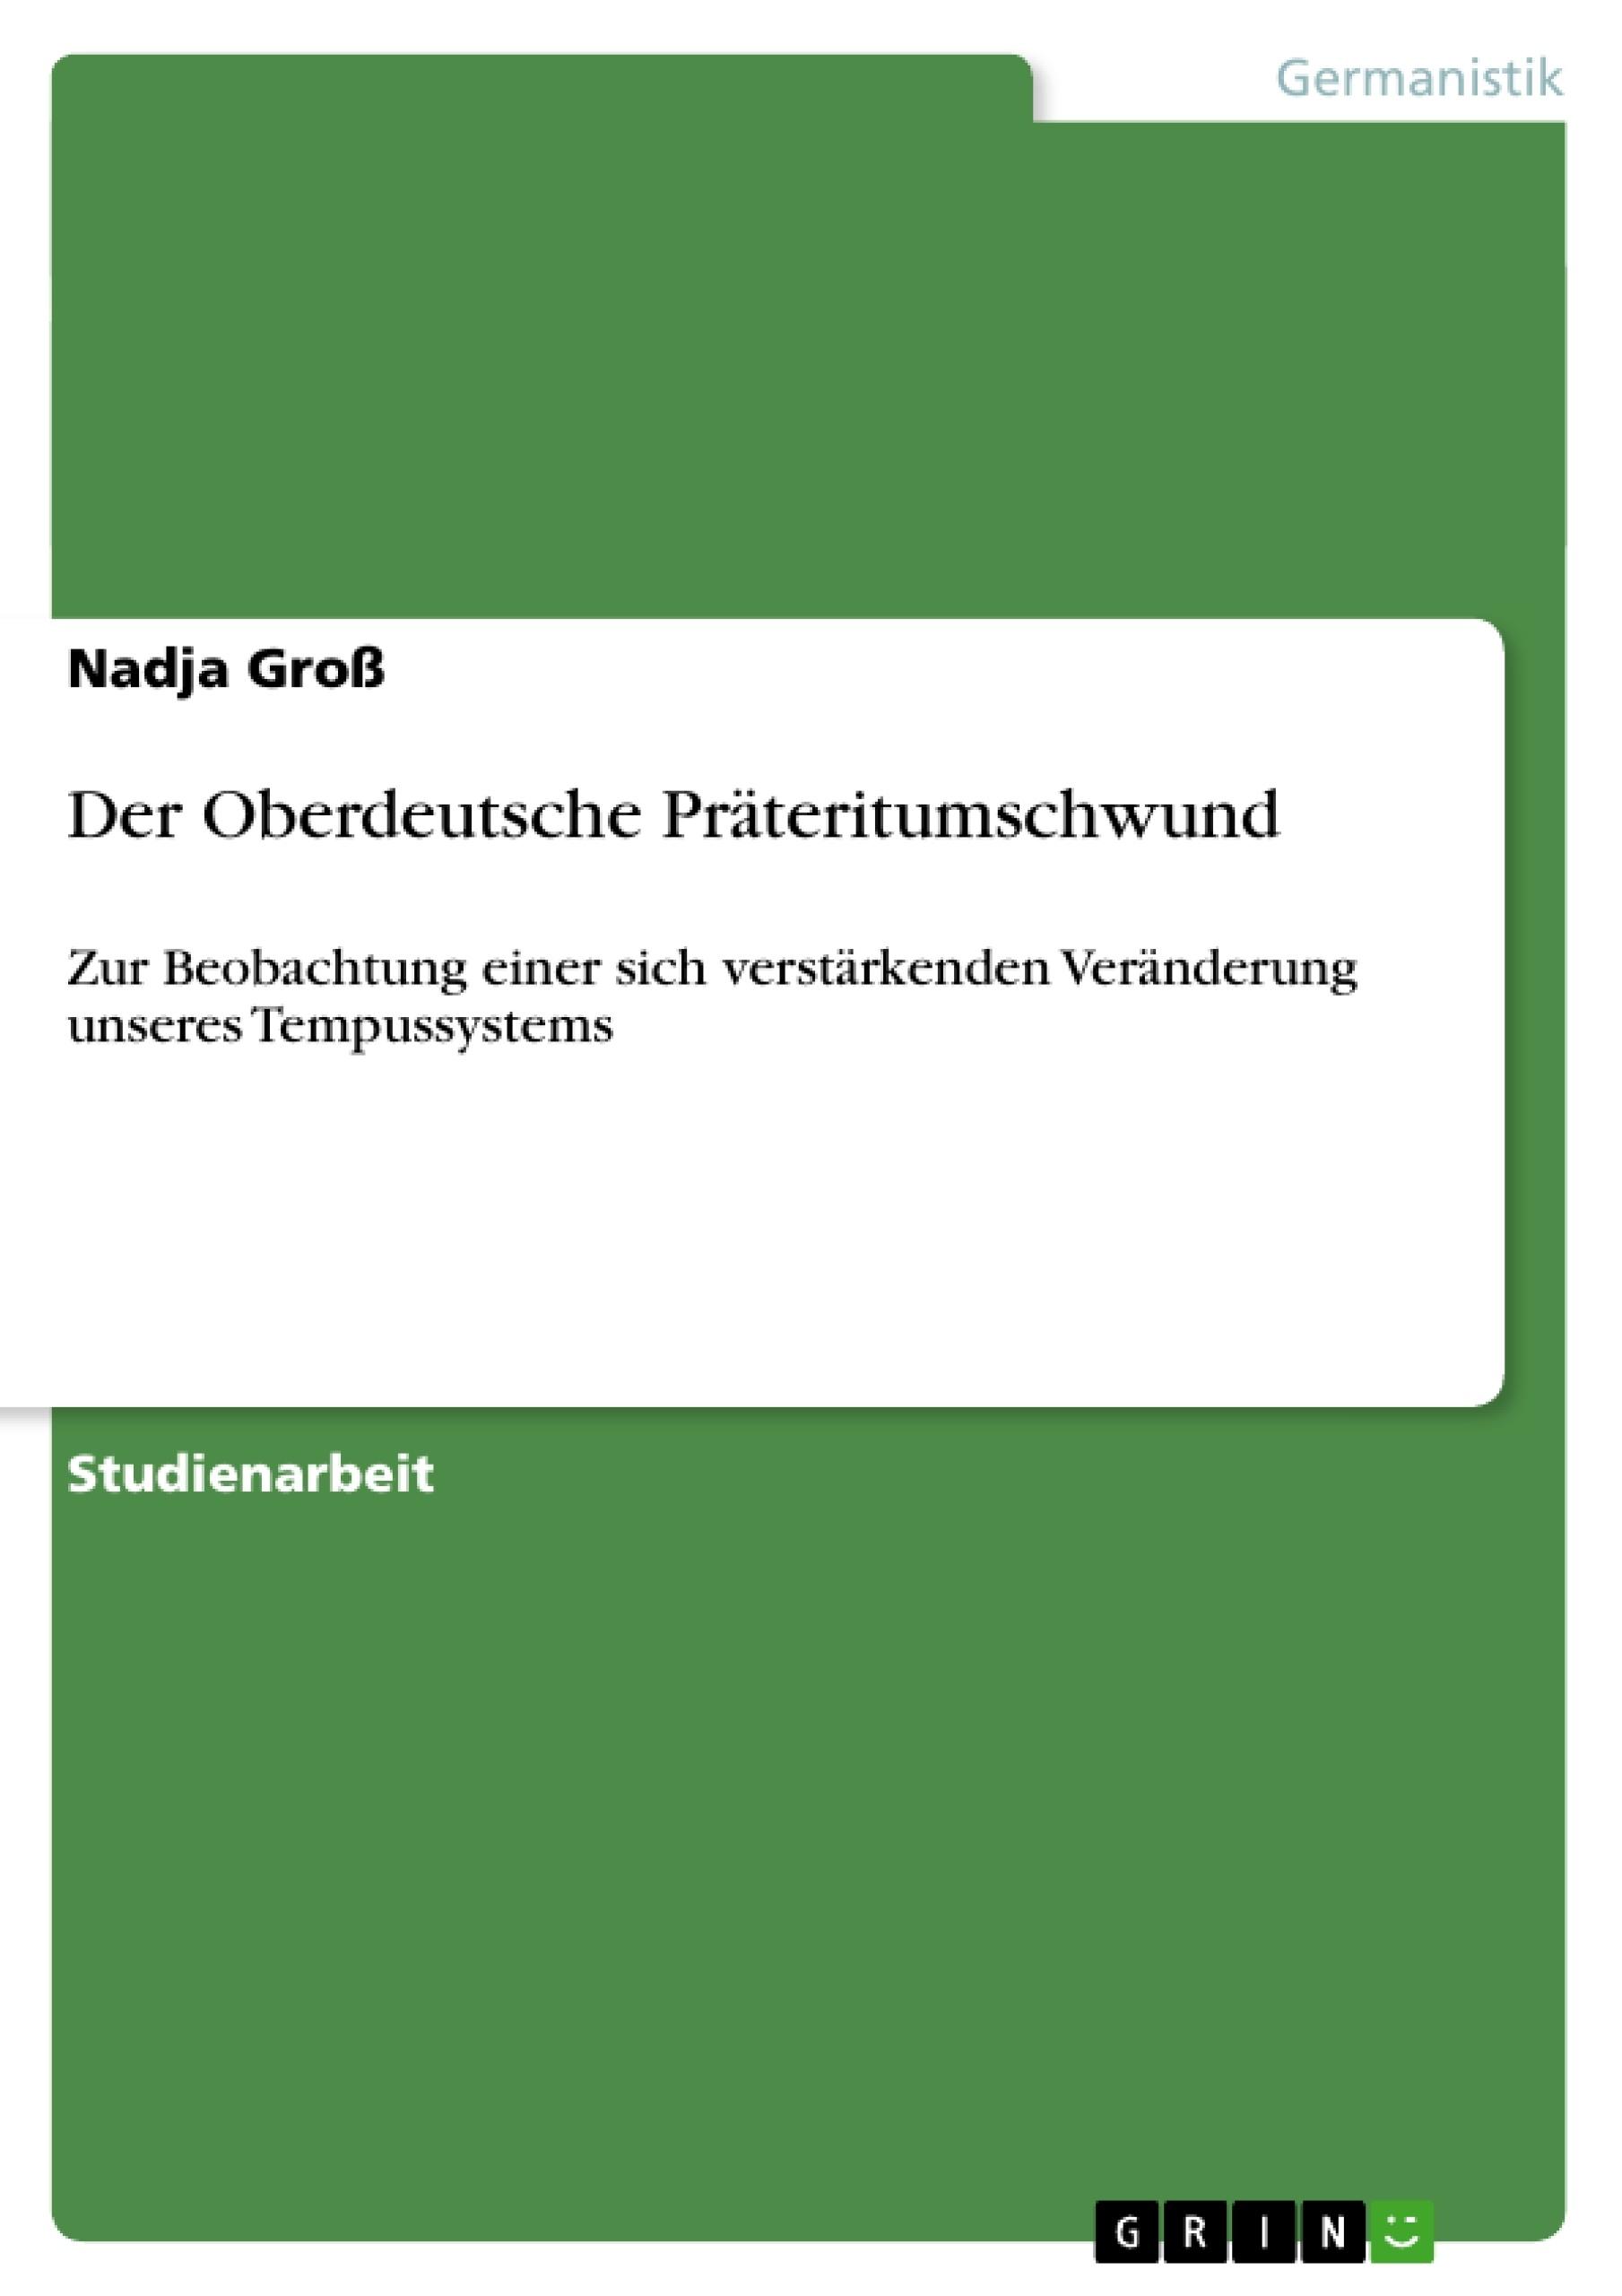 Titel: Der Oberdeutsche Präteritumschwund